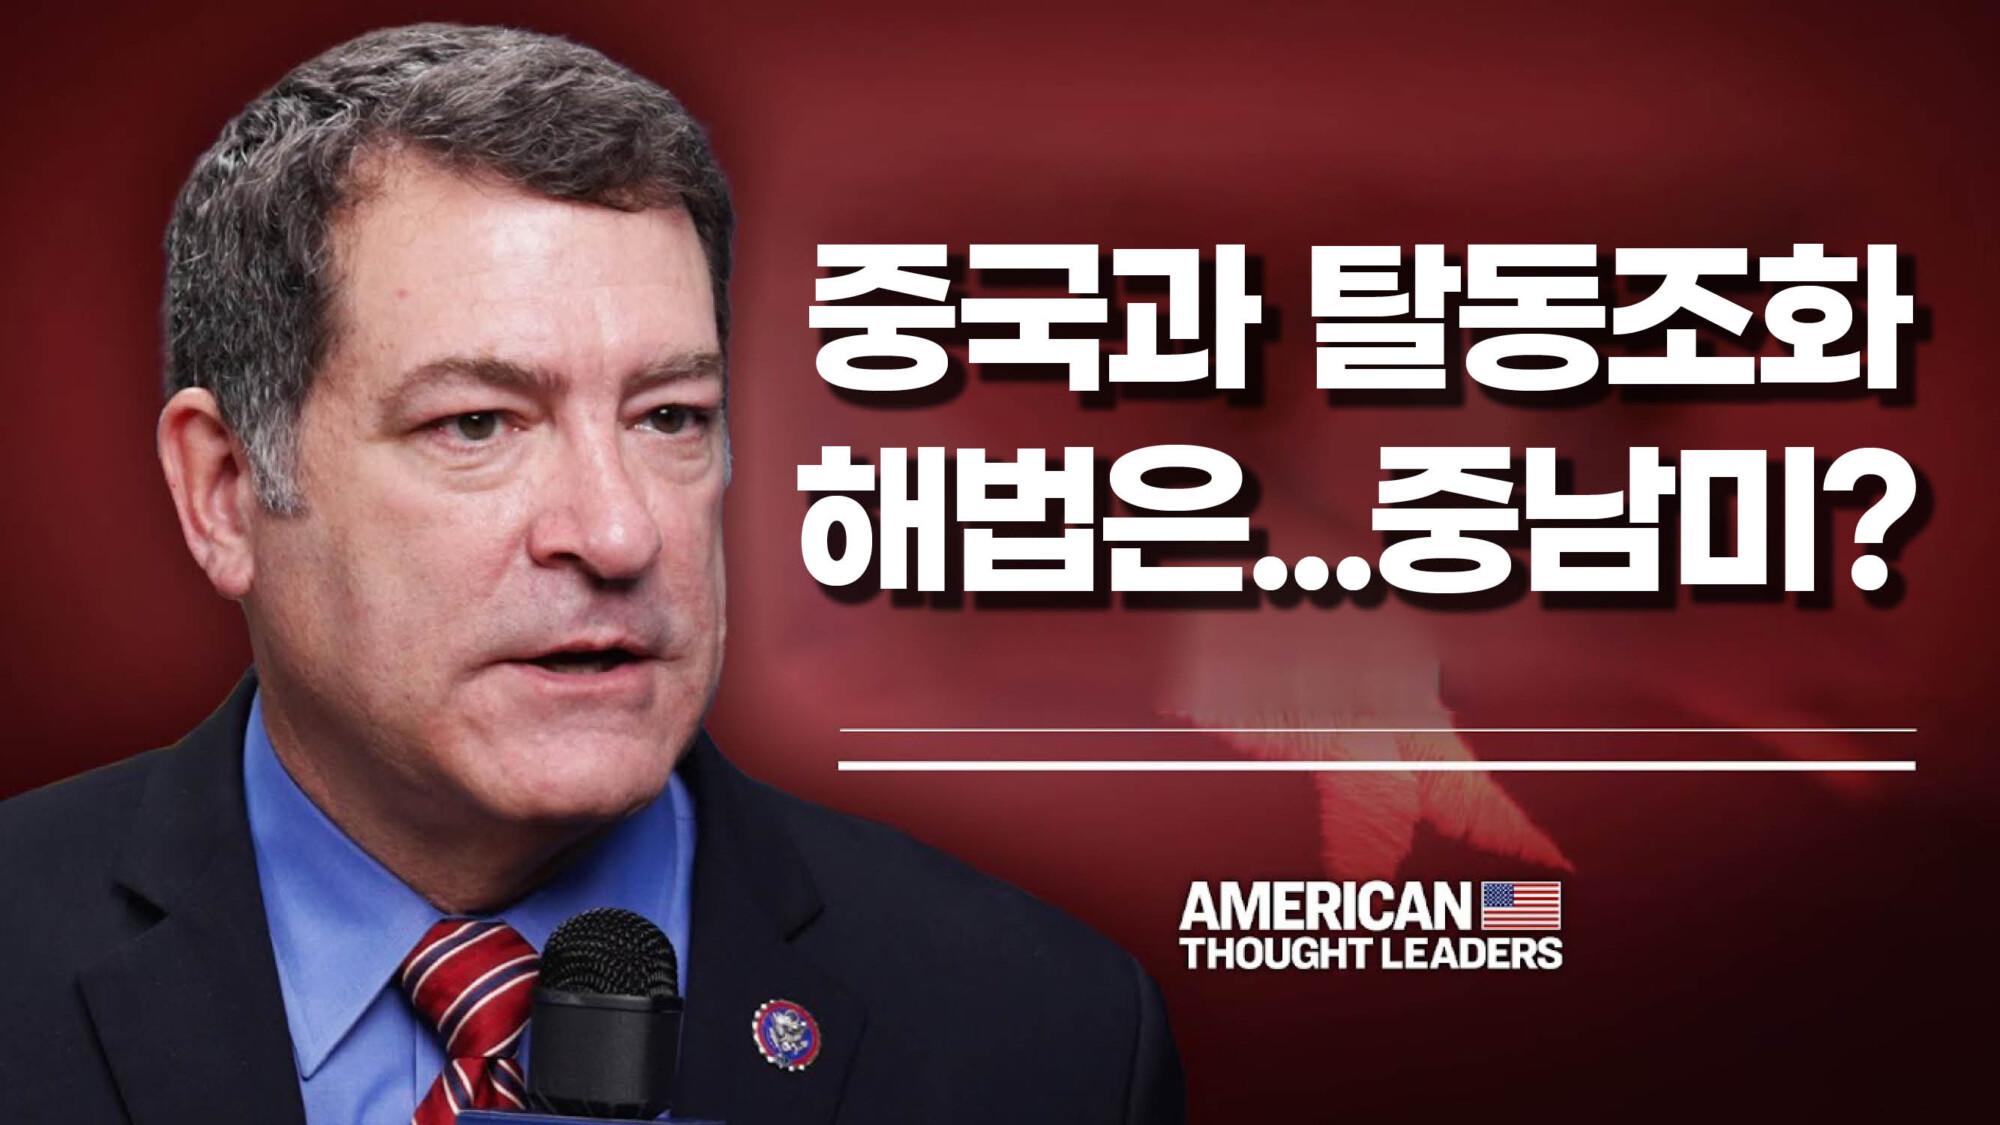 [미국의 사상 리더들]  마크 그린 의원, 중국과 탈조동화 해법은?